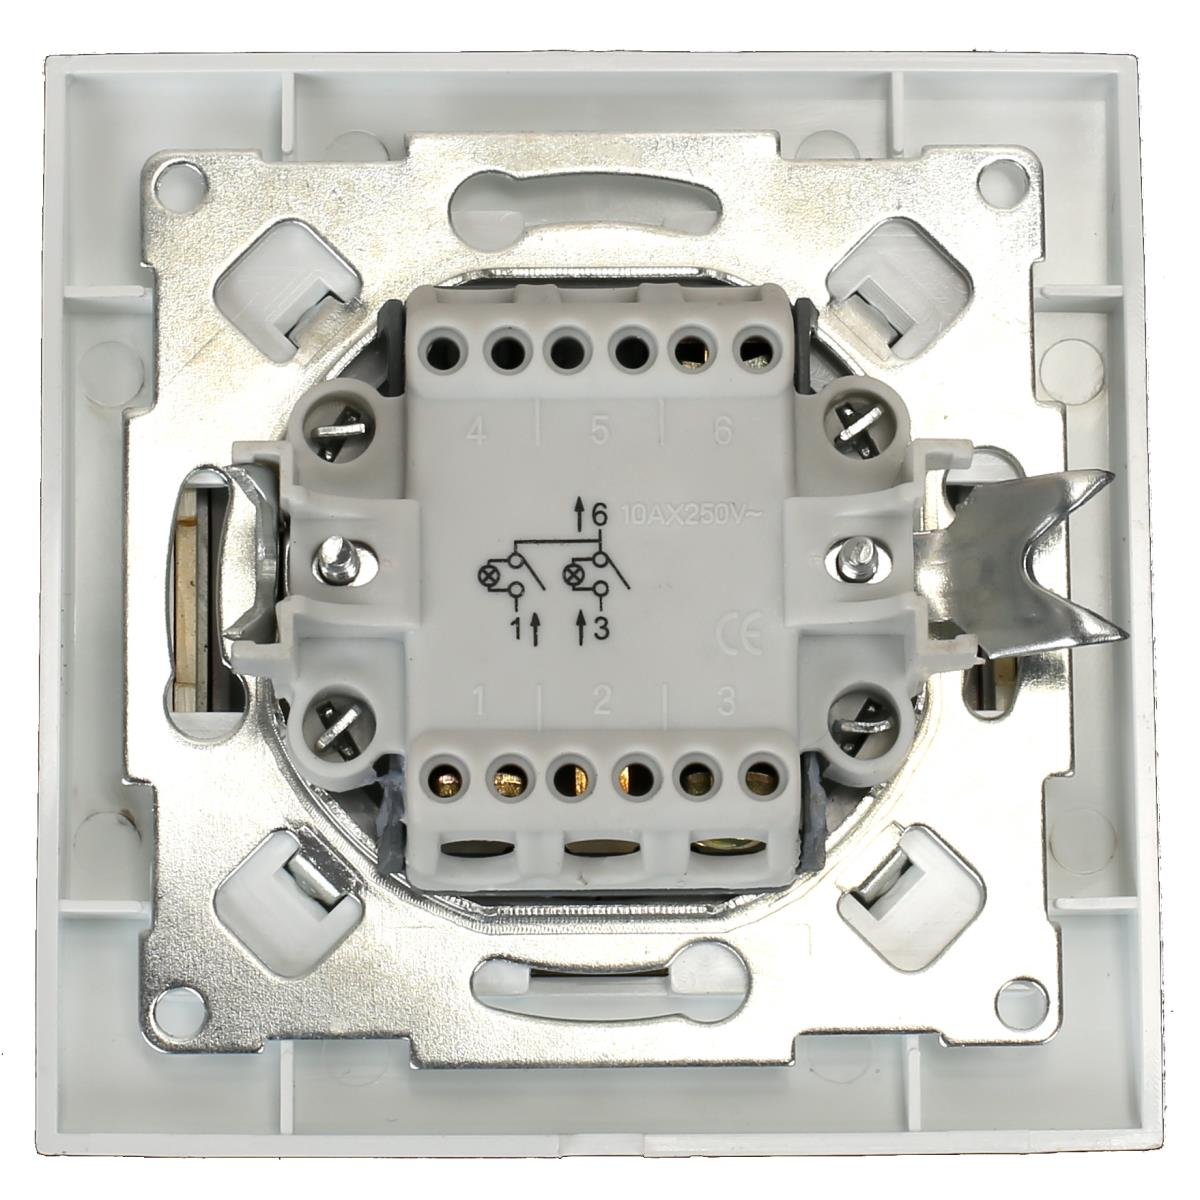 Unterputz Serienschalter beleuchtet weiß/gold 10A, Doppel Zweifach Lichtschalter,OKKO,9209-02N-G, 4772013048572